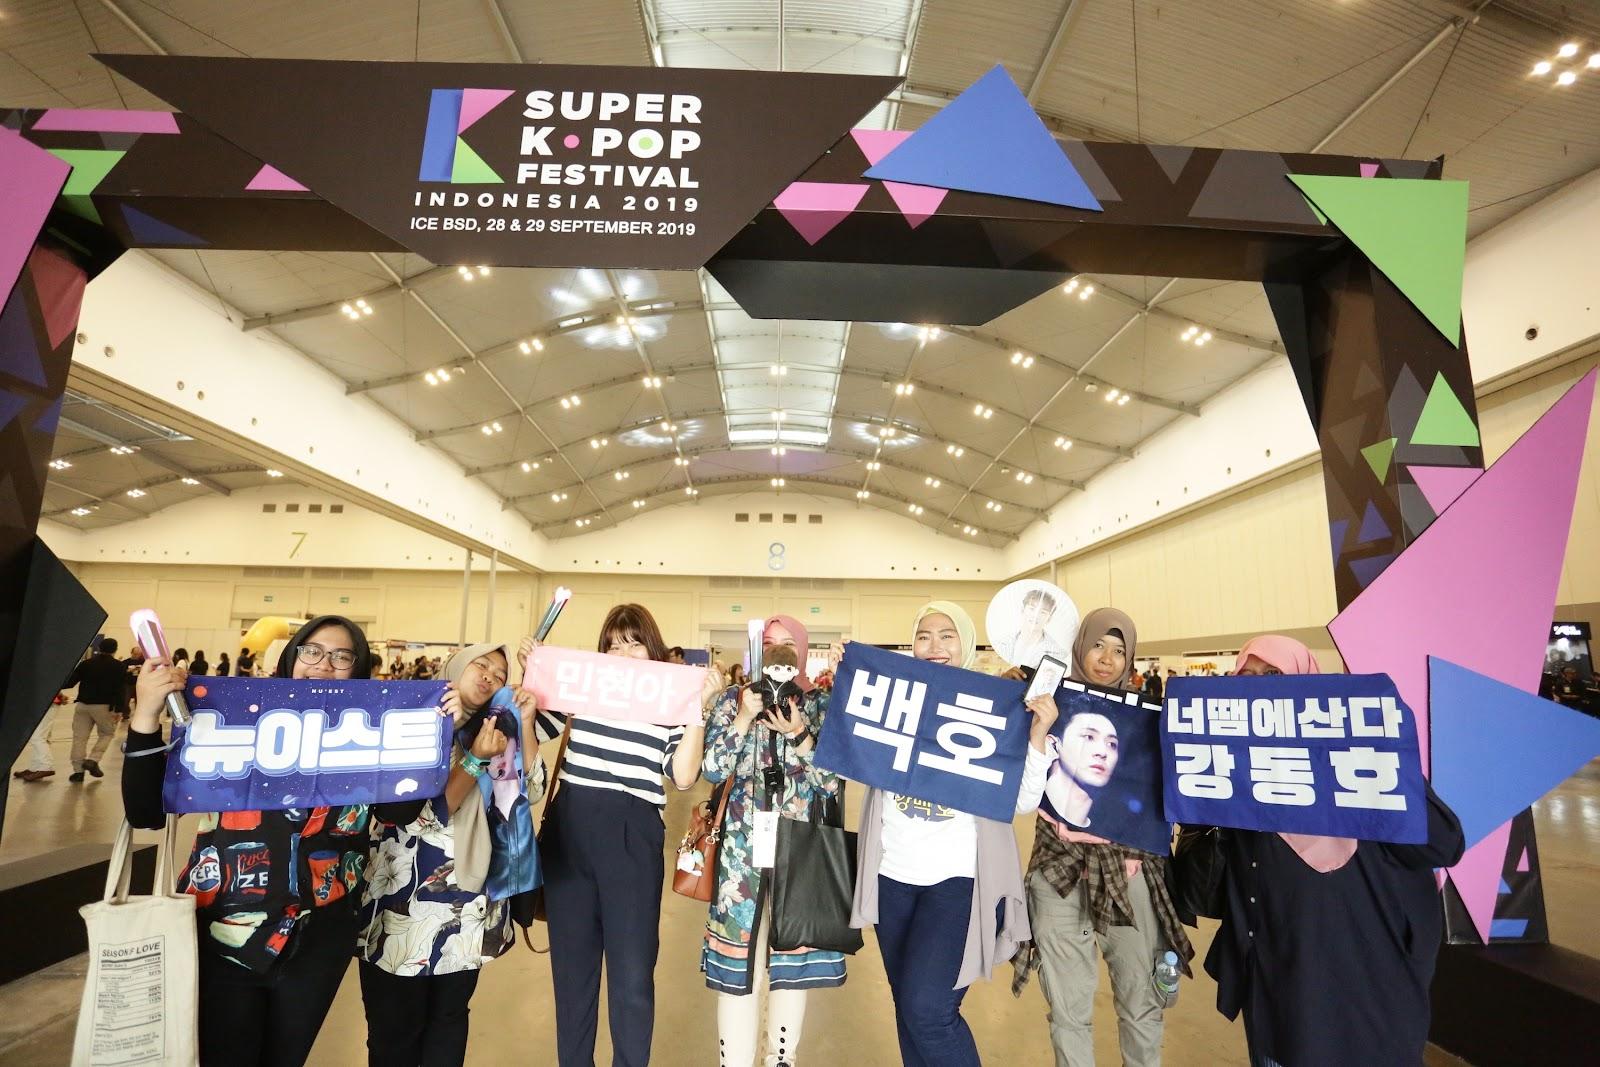 fans-k-pop-bersatu-di-super-k-pop-festival-2019